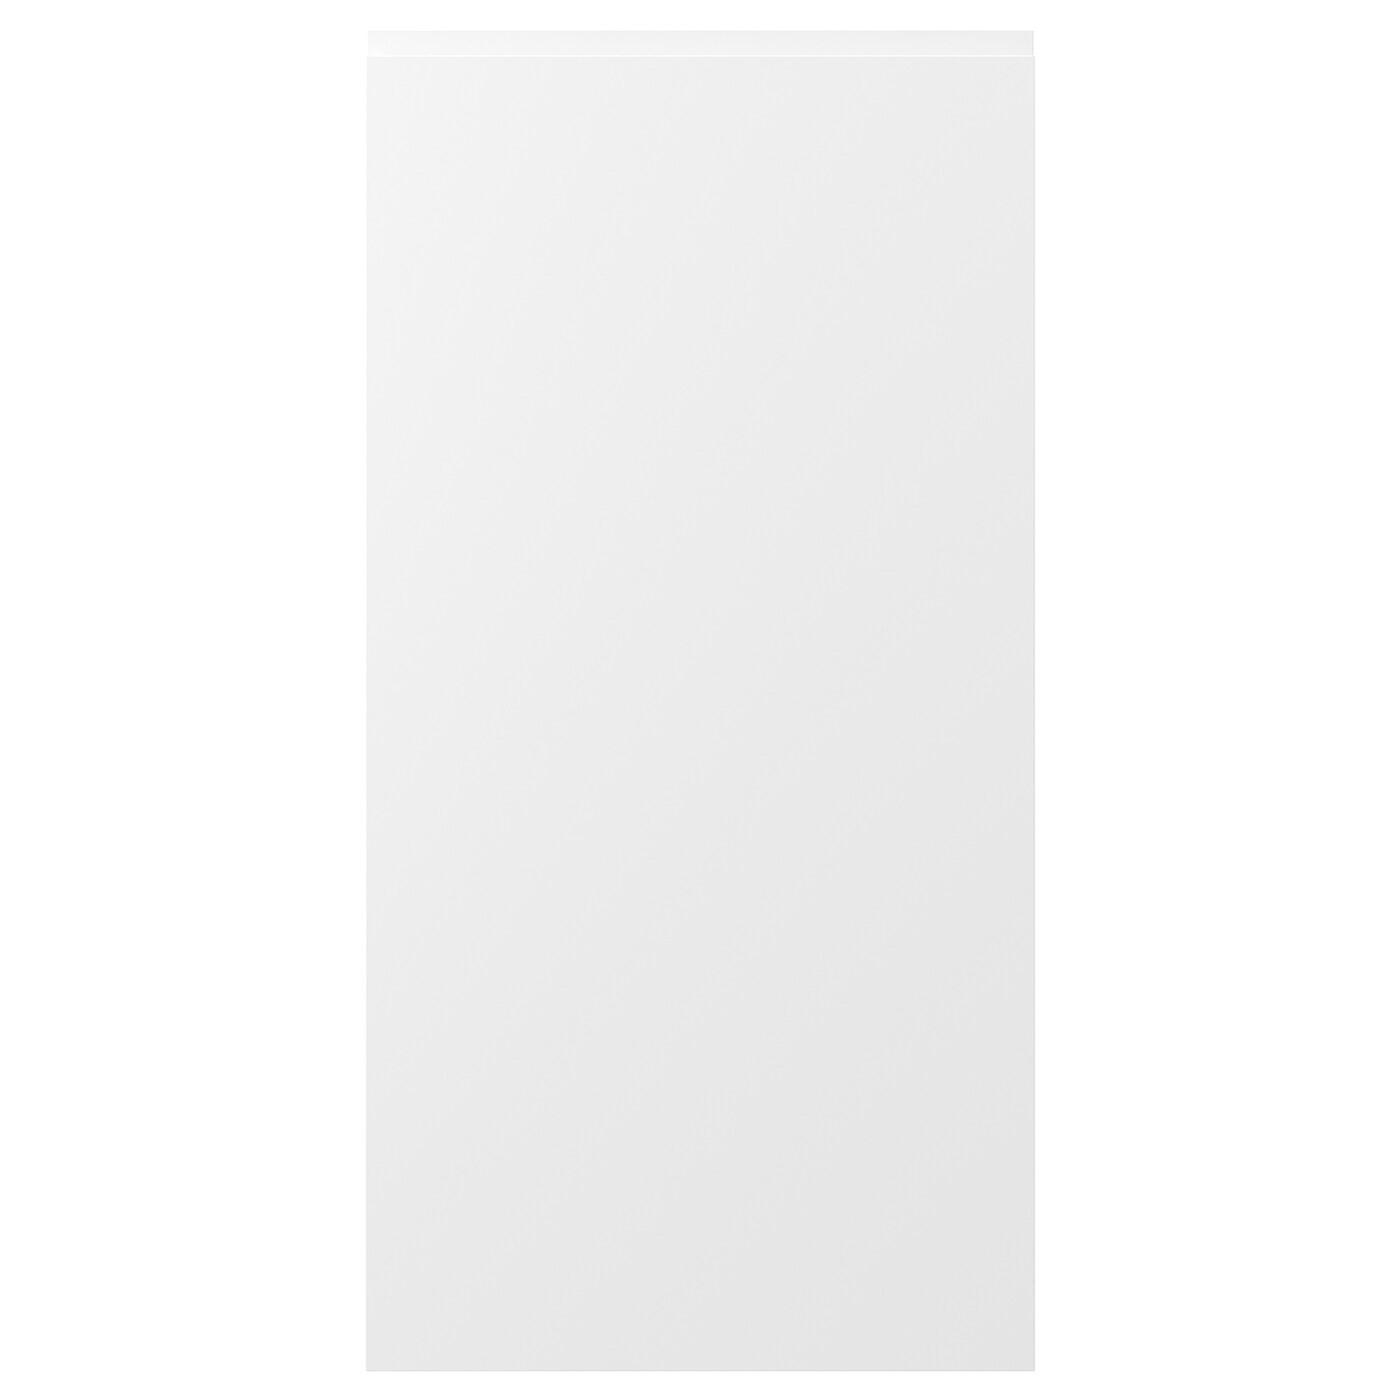 IKEA VOXTORP дверь матовый белый 60 x 120 см 00273180